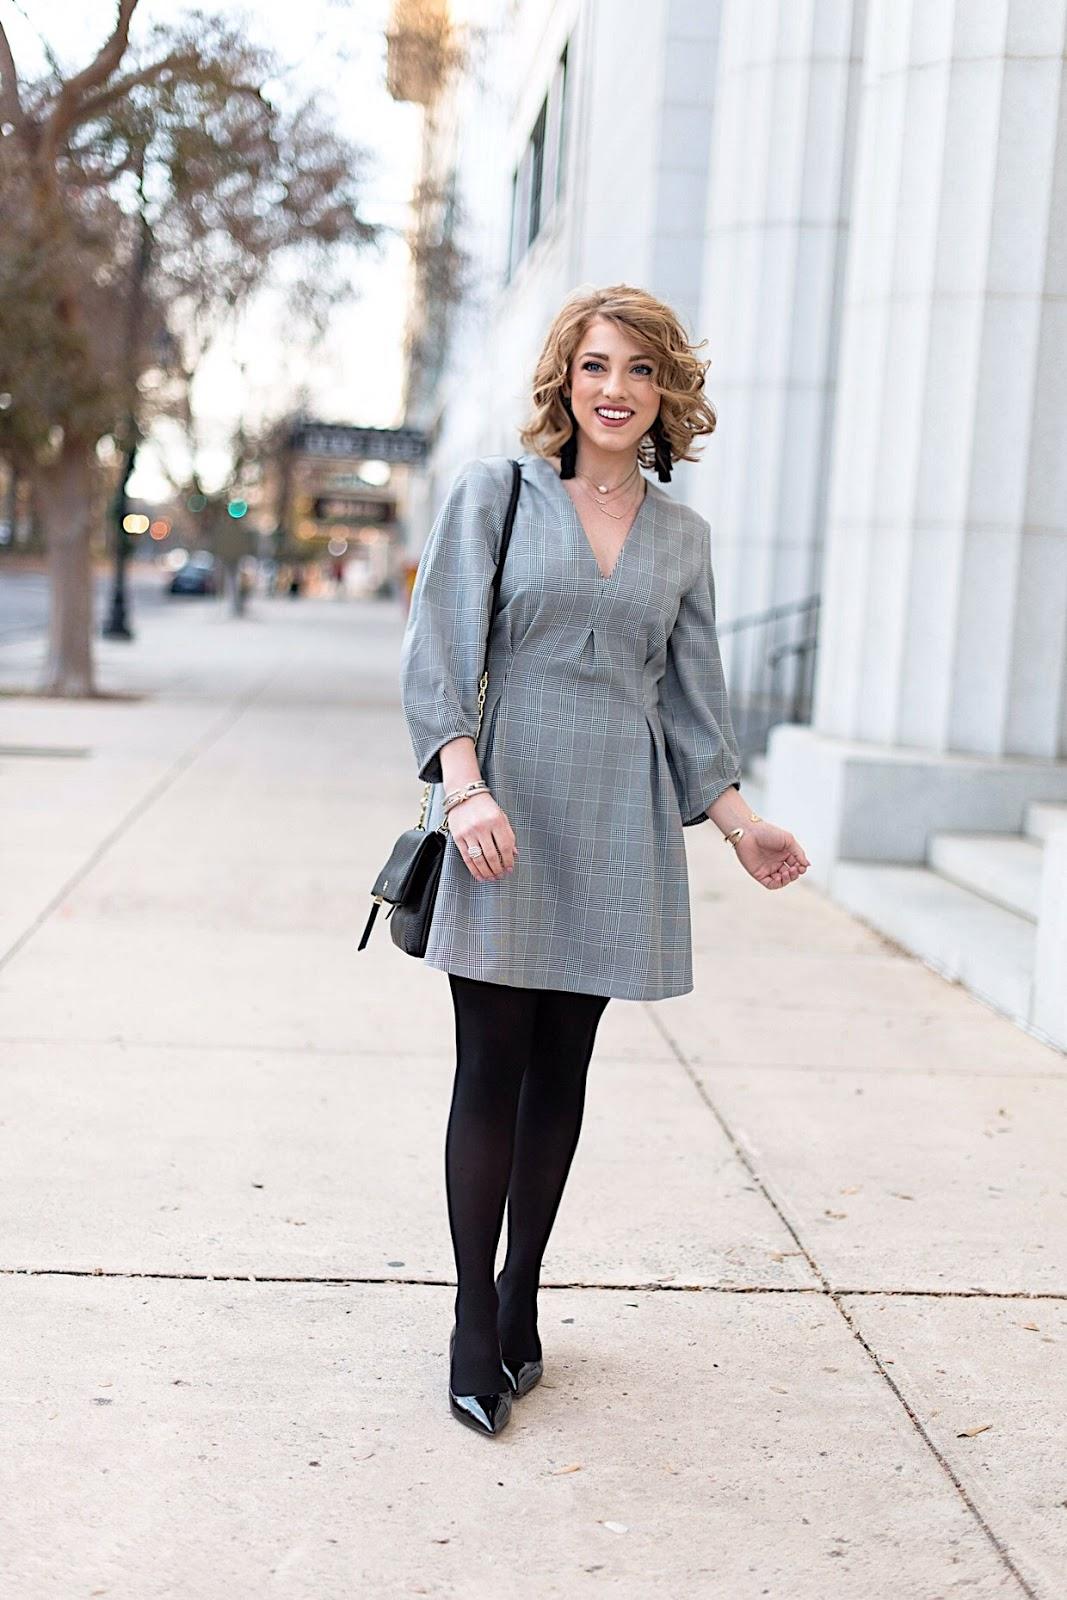 Glen Plaid Balloon Sleeve Dress - Something Delightful Blog